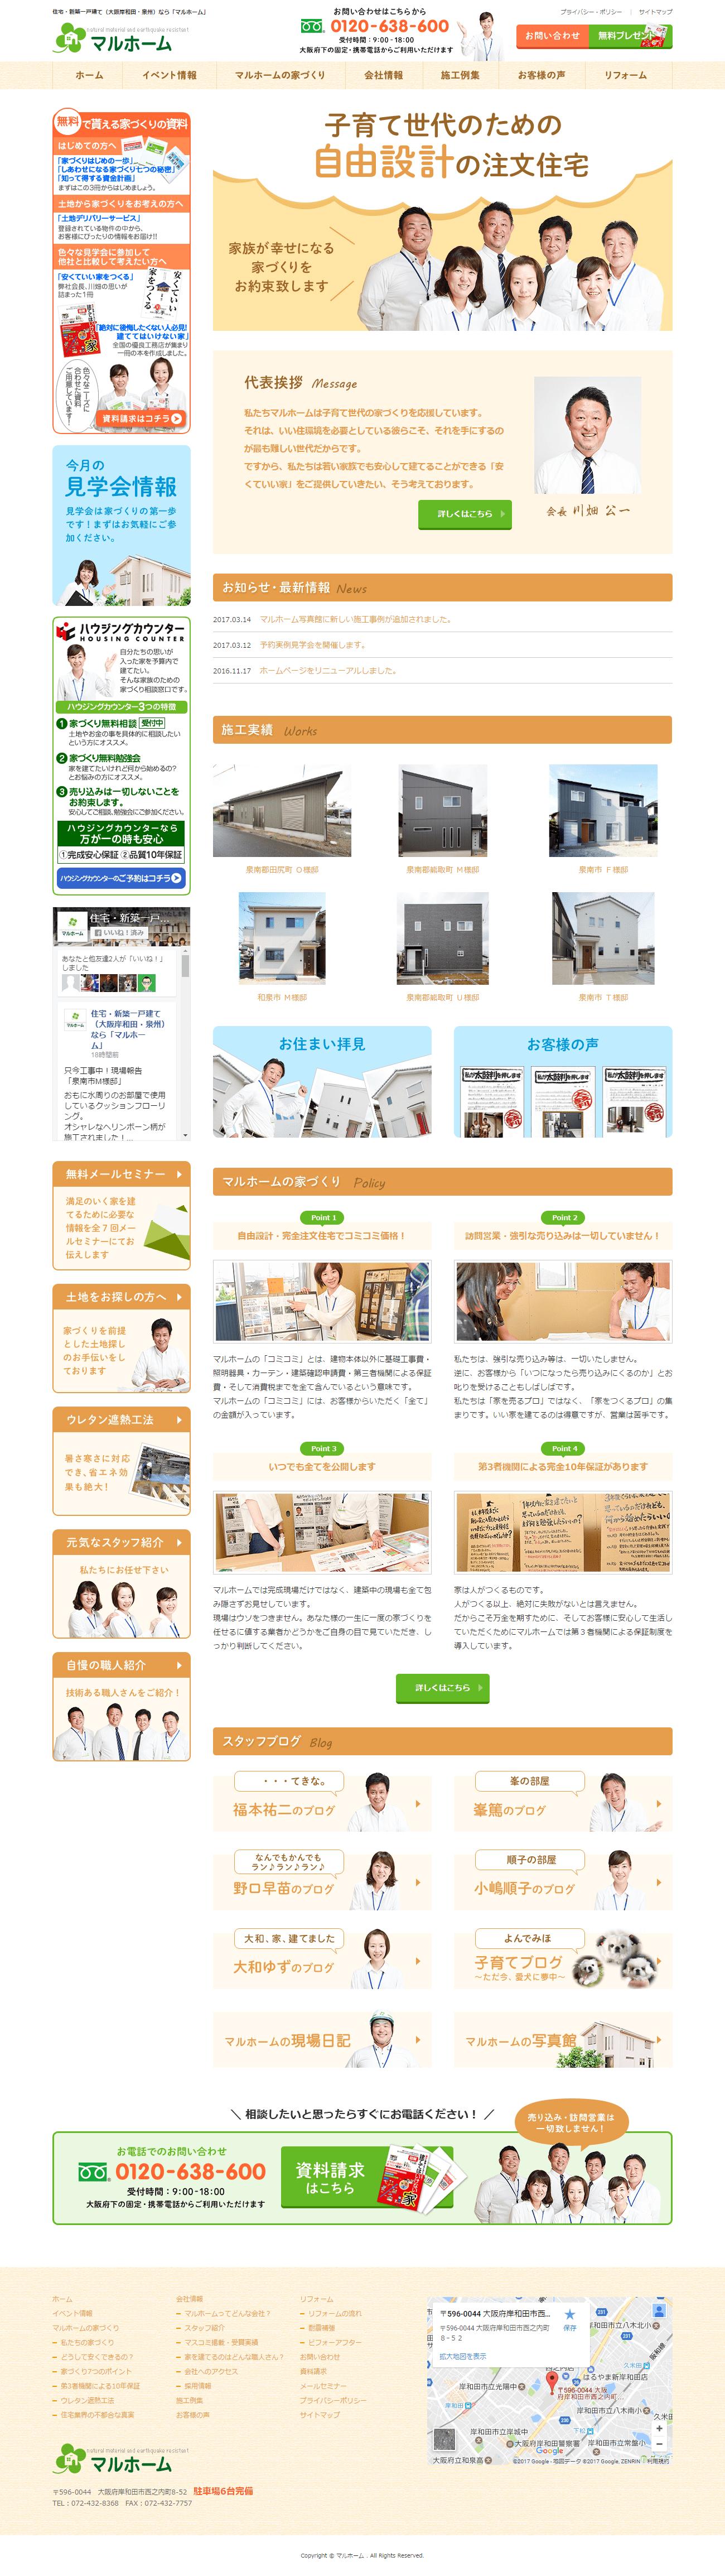 岸和田市 株式会社マルホーム様 ホームページ制作1